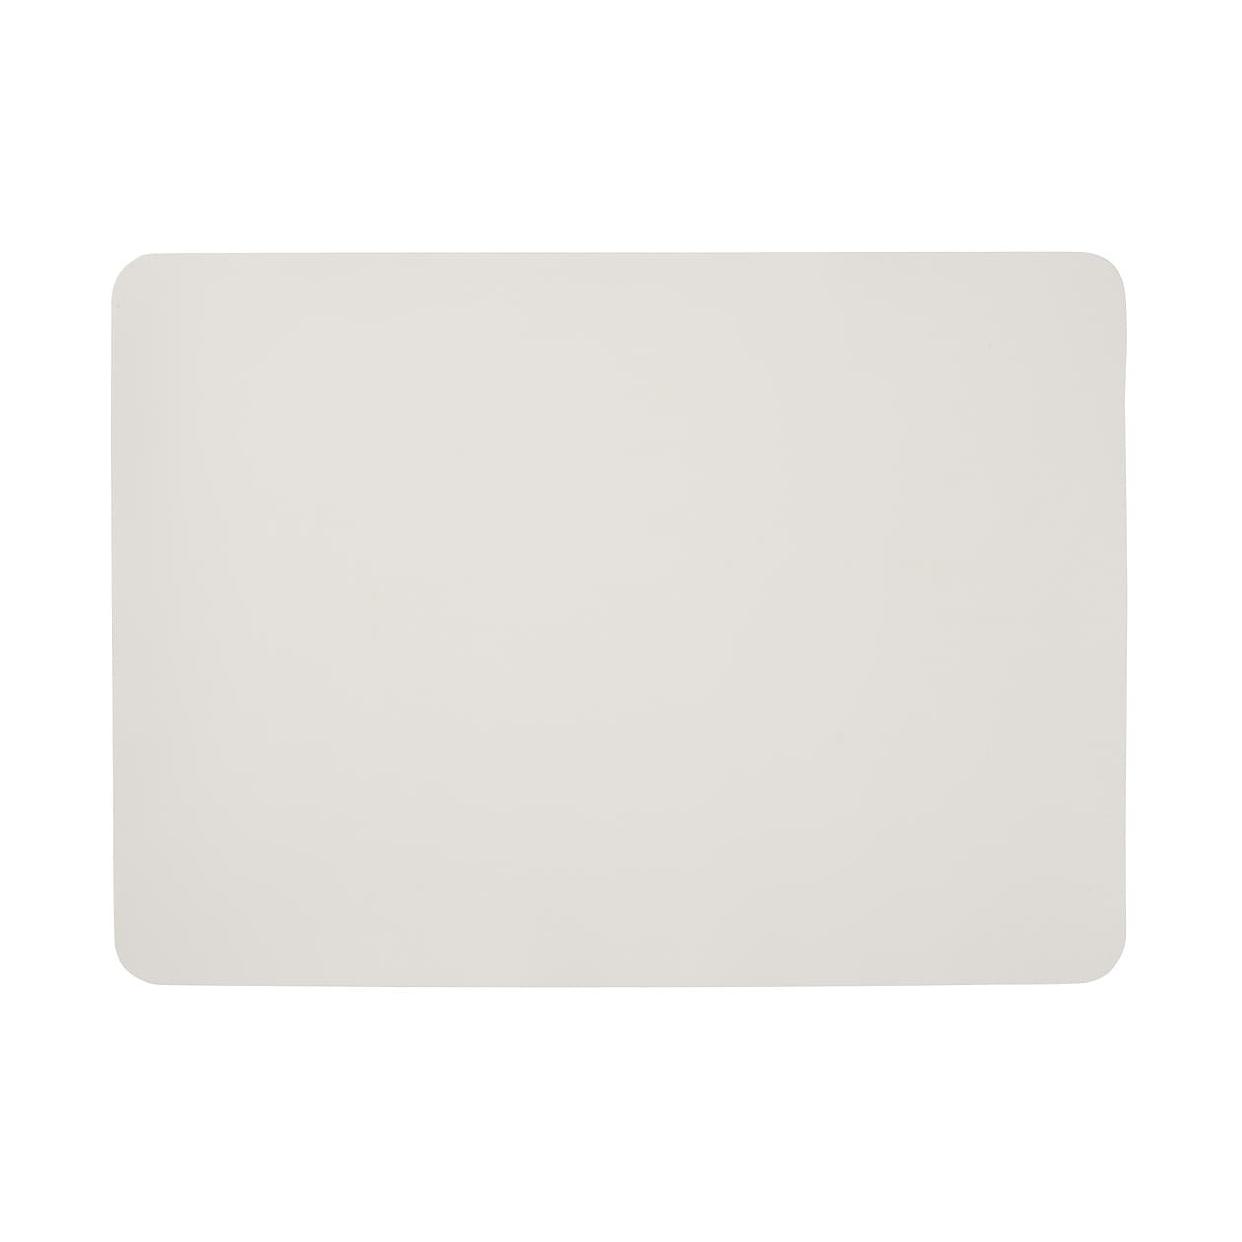 無印良品(MUJI) シリコーンランチョンマット ホワイト 82213461の商品画像